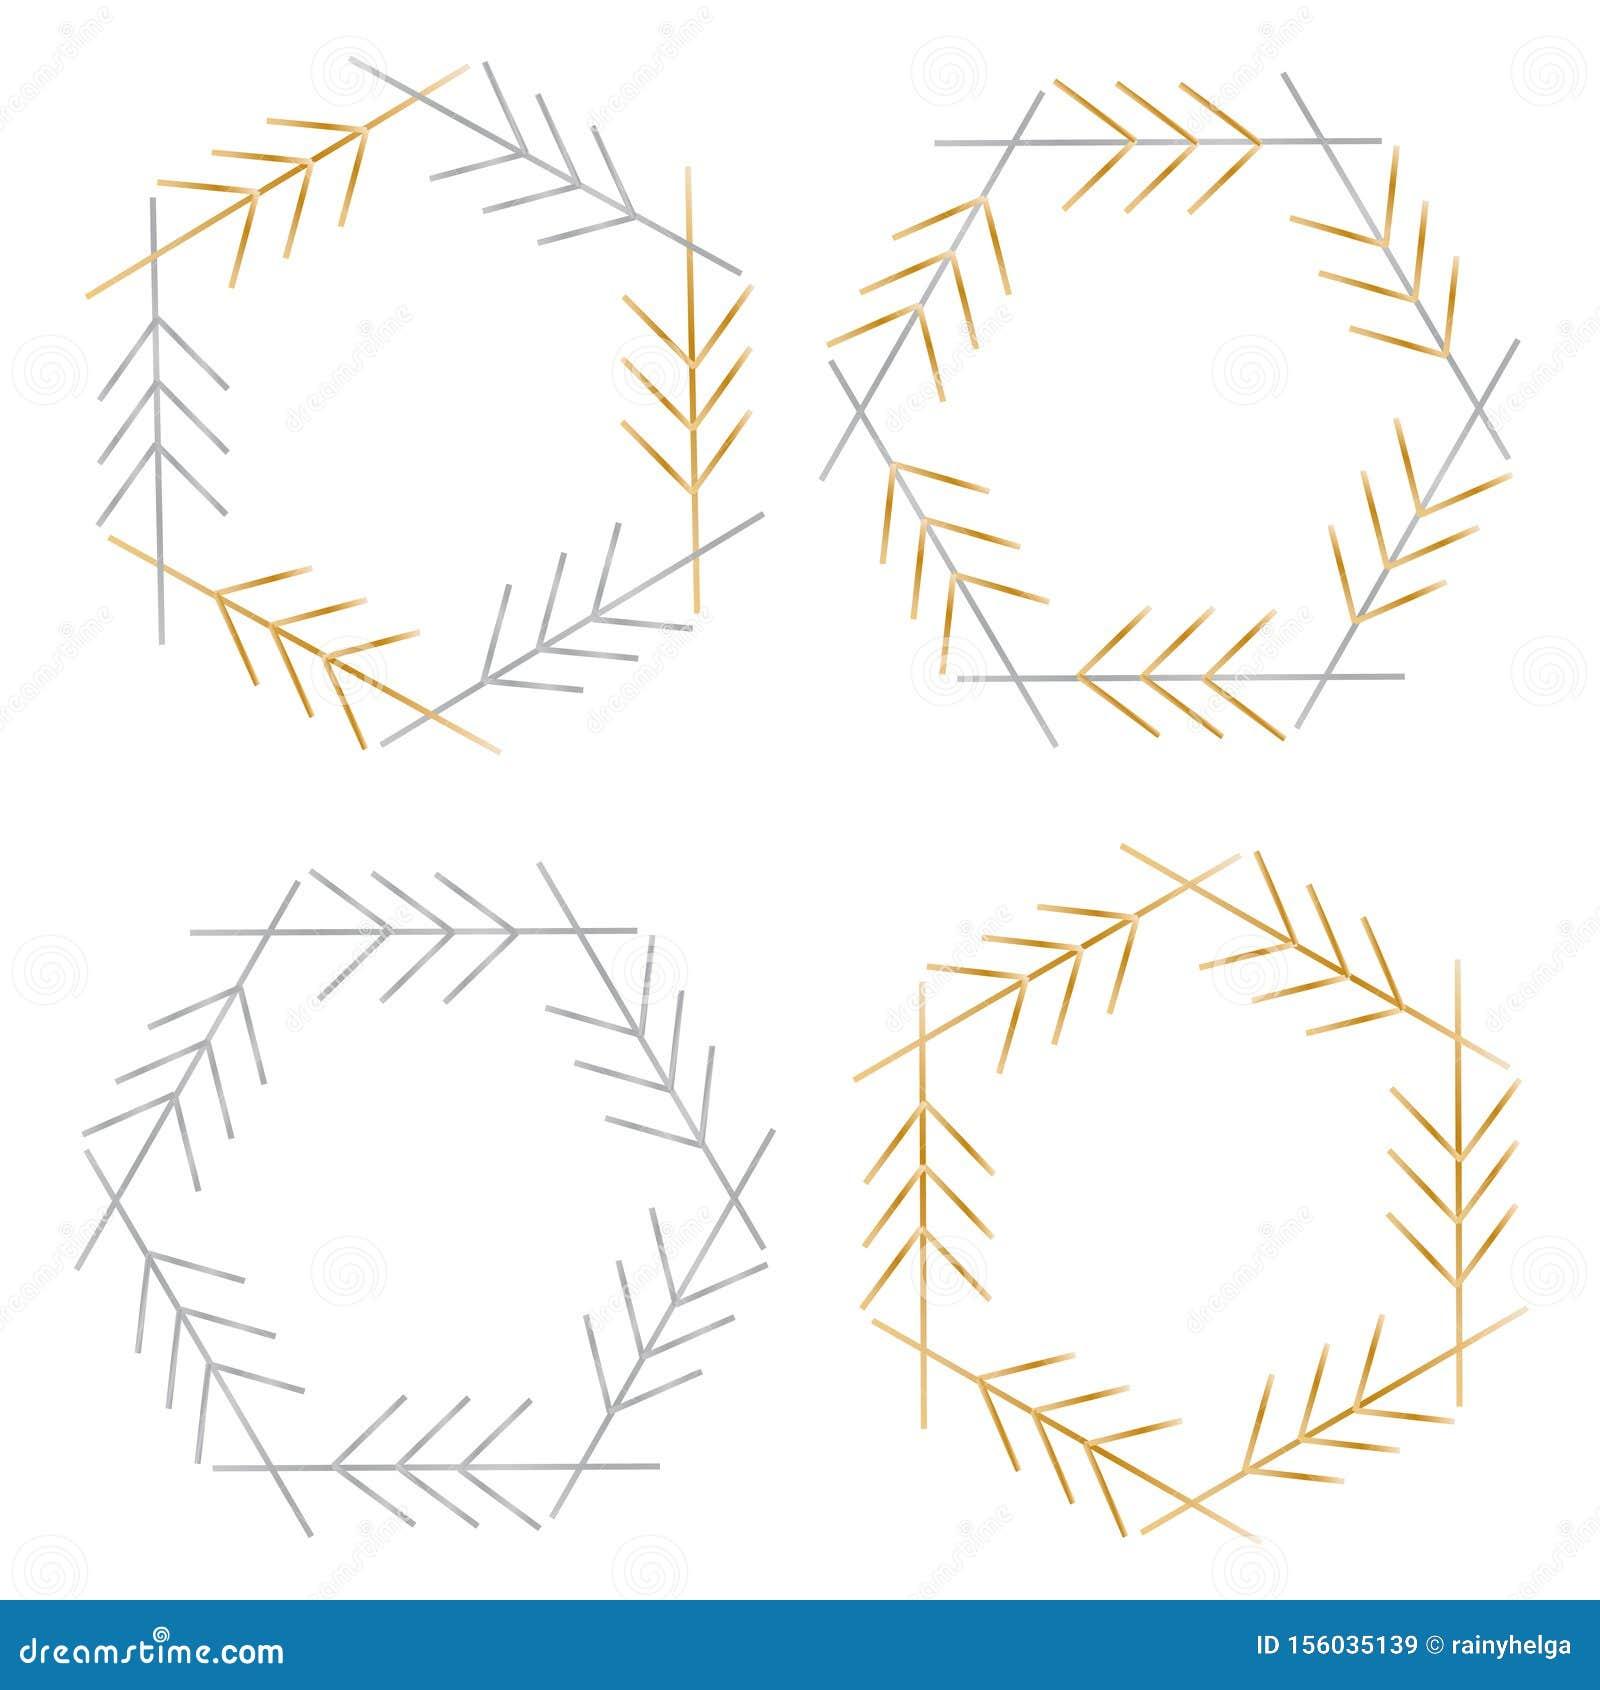 Set Of 4 Silver And Gold Elegant Frames Stock Vector Illustration Of Greek Design 156035139